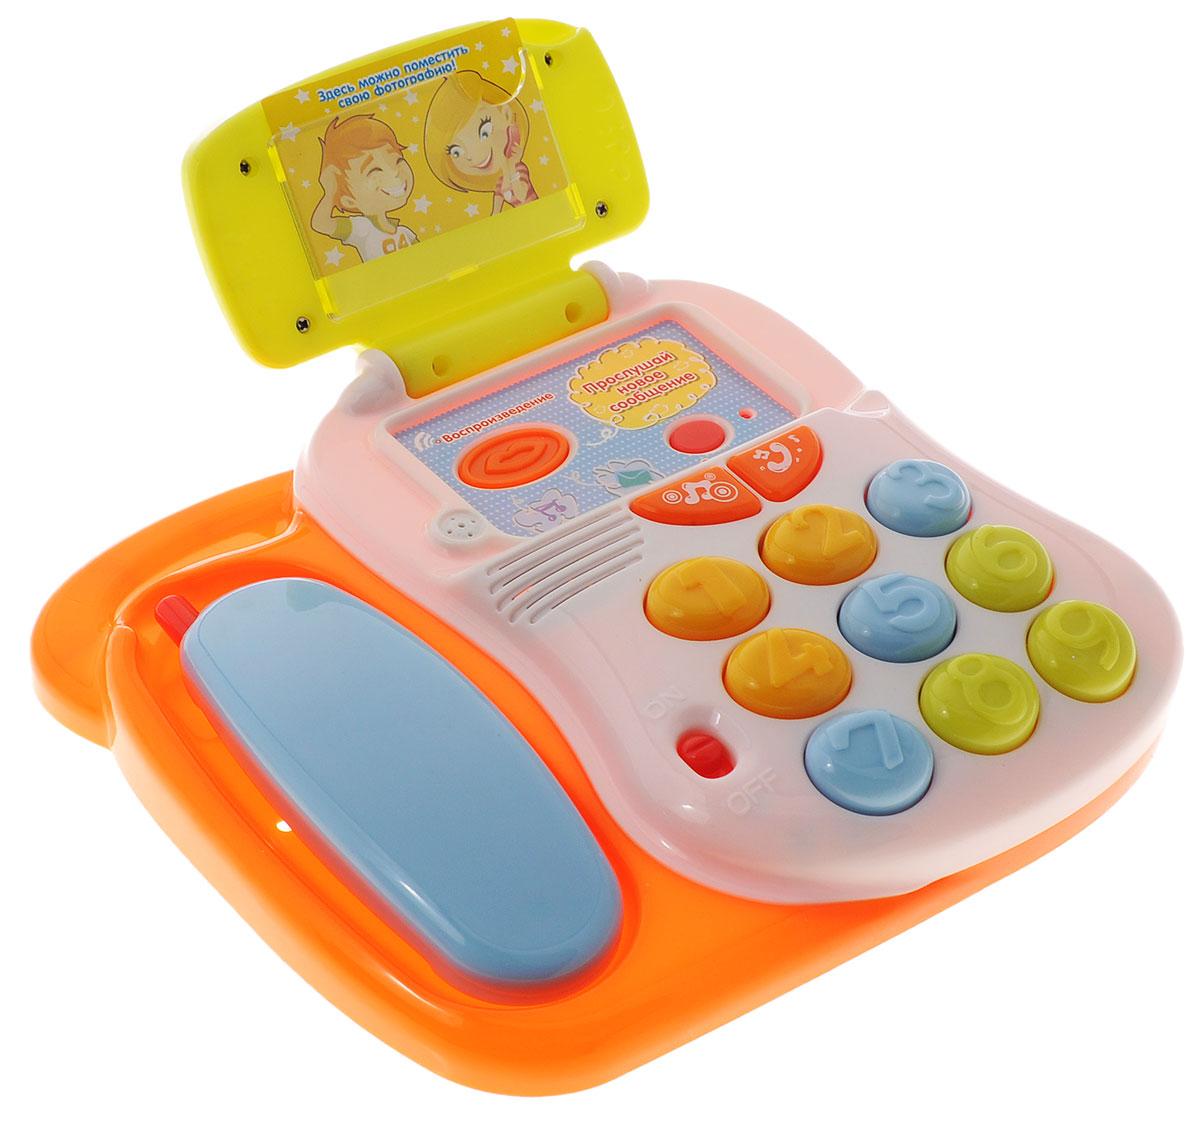 """Развивающая игрушка """"Говорящий телефон"""" со звуковыми и световыми эффектами, непременно понравится вашему малышу и станет для него любимой игрушкой. Ребенок познакомится со стандартными звуками набора номера, дозвона, длинными или короткими гудками, а также несколькими веселыми мелодиями. У телефона имеется функция записи - 10 секунд. В верхнее окошко можно вставить фотографию. Порадуйте своего ребенка таким замечательным подарком! Для работы необходимо 2 батарейки типа АА (комплектуется демонстрационными)."""